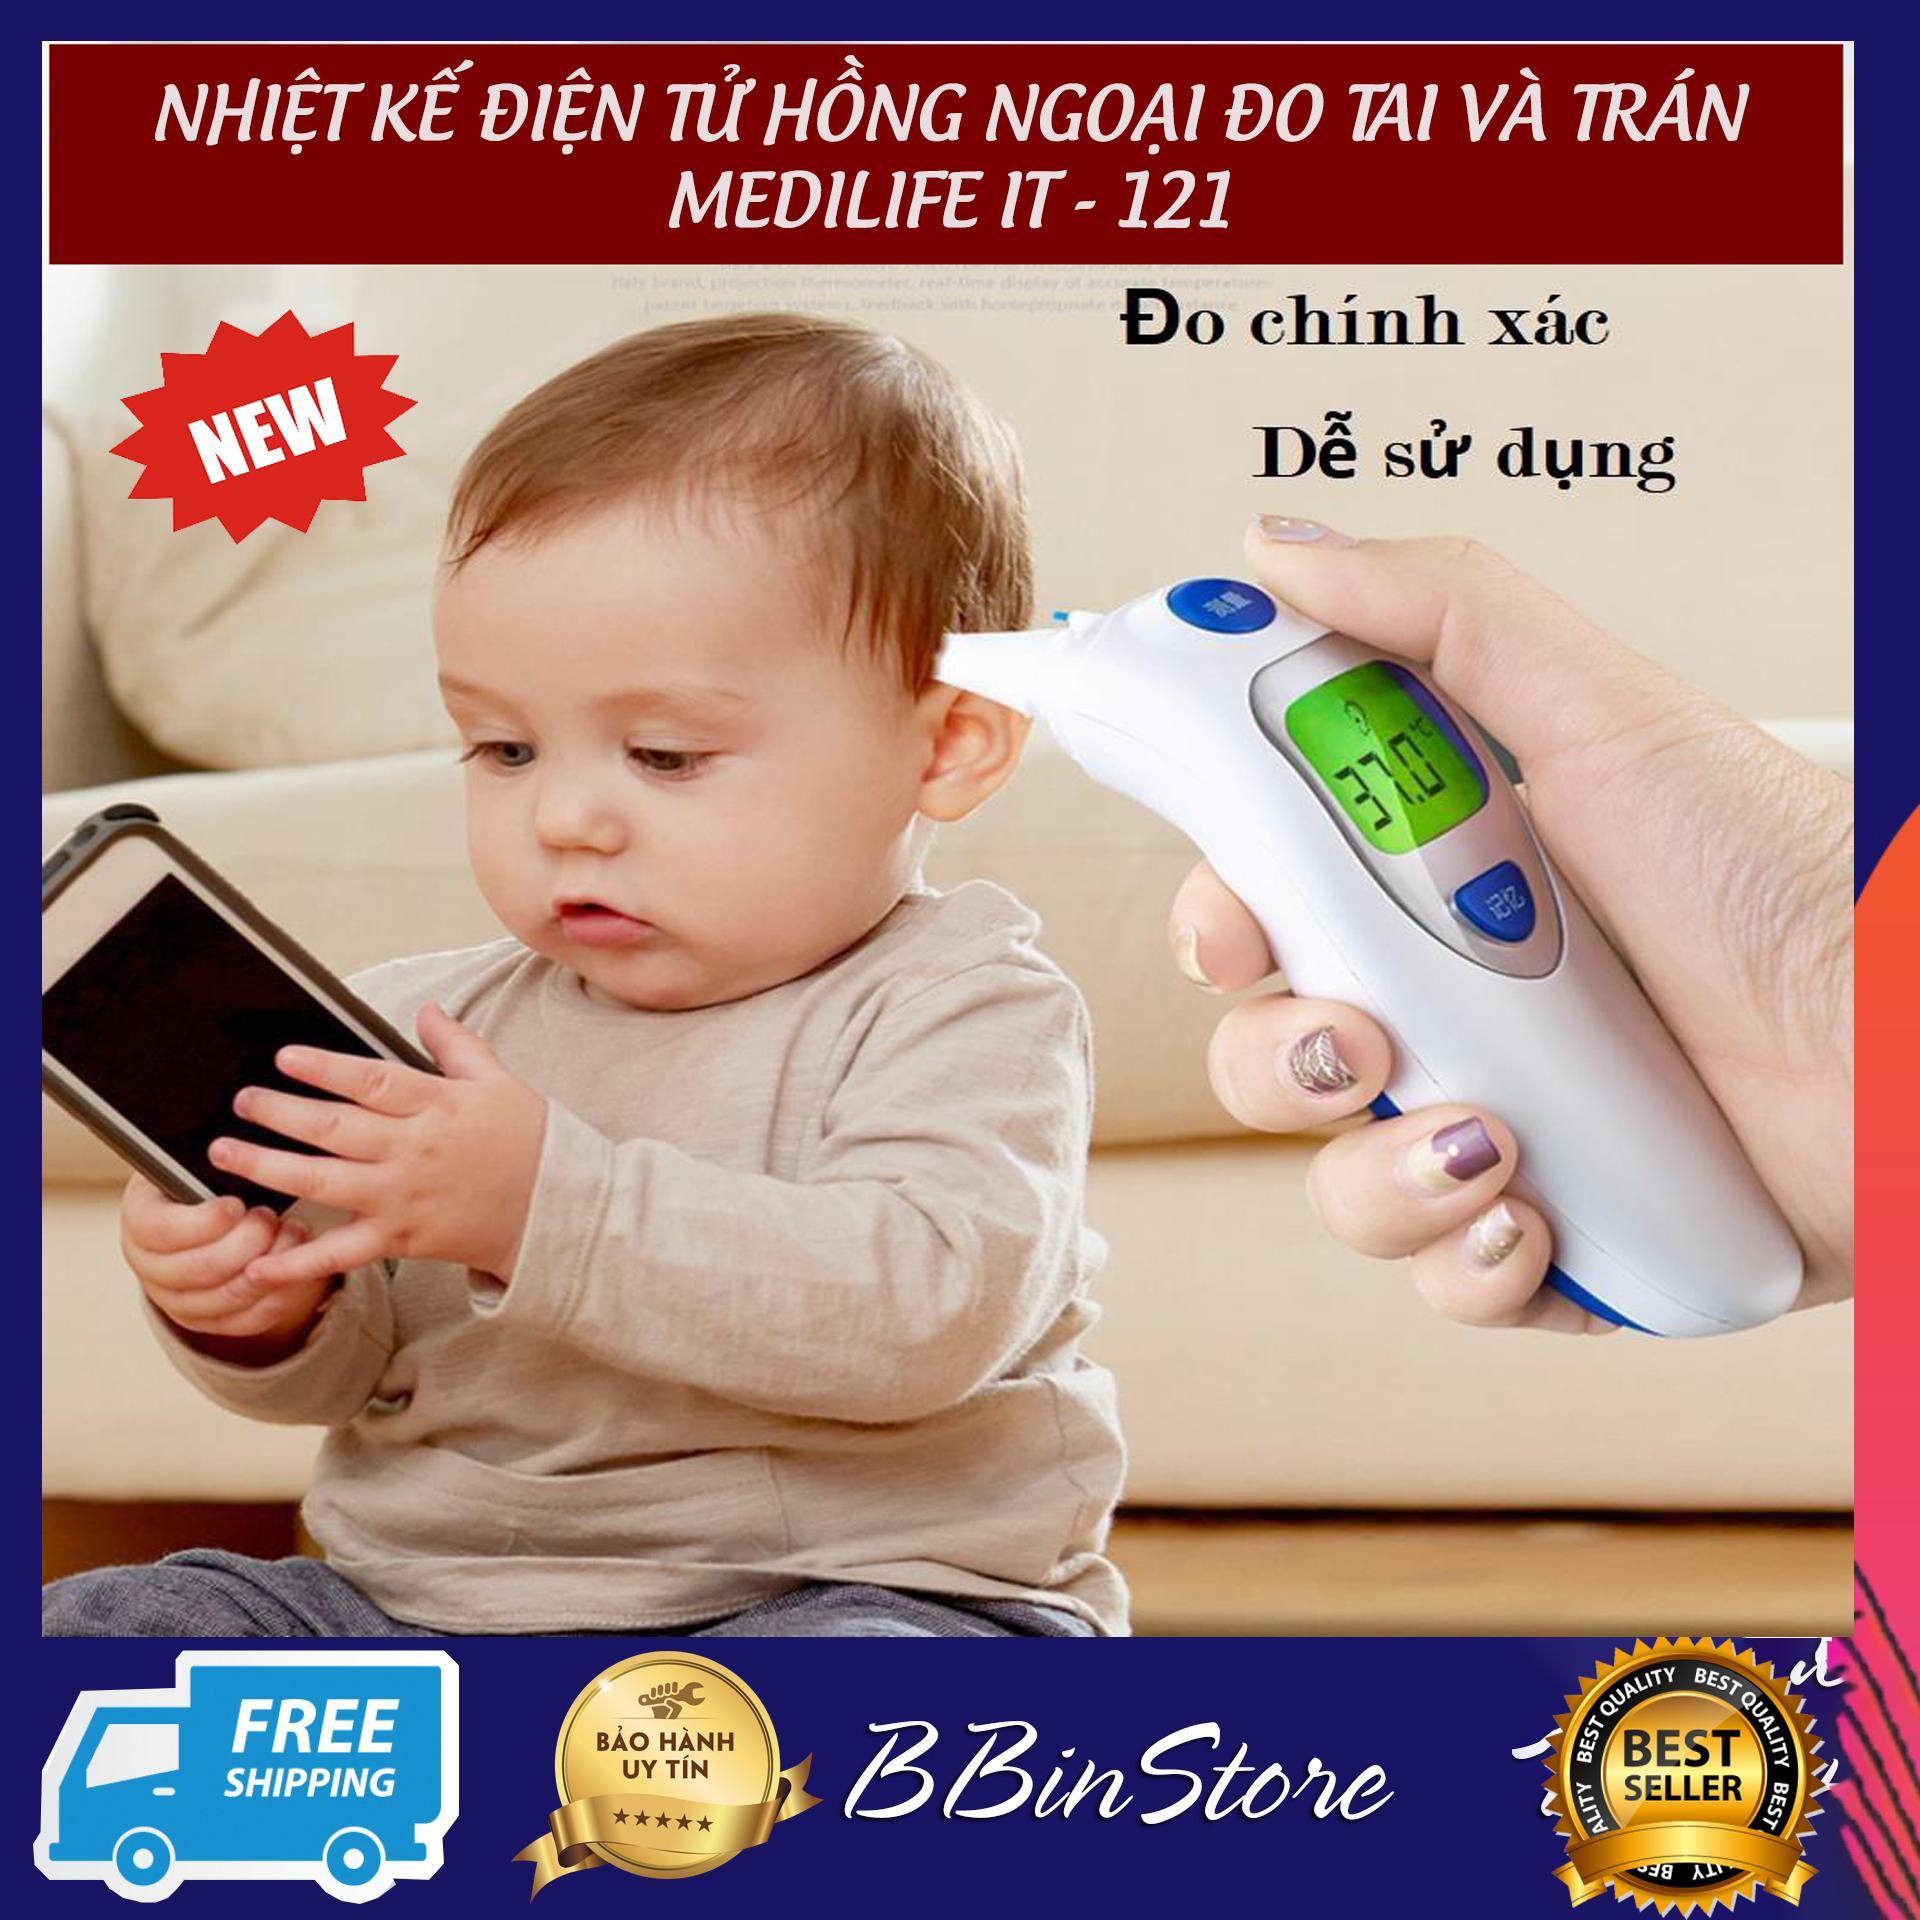 Nhiệt kế điện tử cho gia đình, Thiết bị theo dõi sức khỏe, Nhiệt kế điện tử hồng ngoại đo trán, đo tai cho bé yêu. Chất lượng cao, đo nhiệt độ nhanh chóng, an toàn. Bảo hành tại BBINSTORE